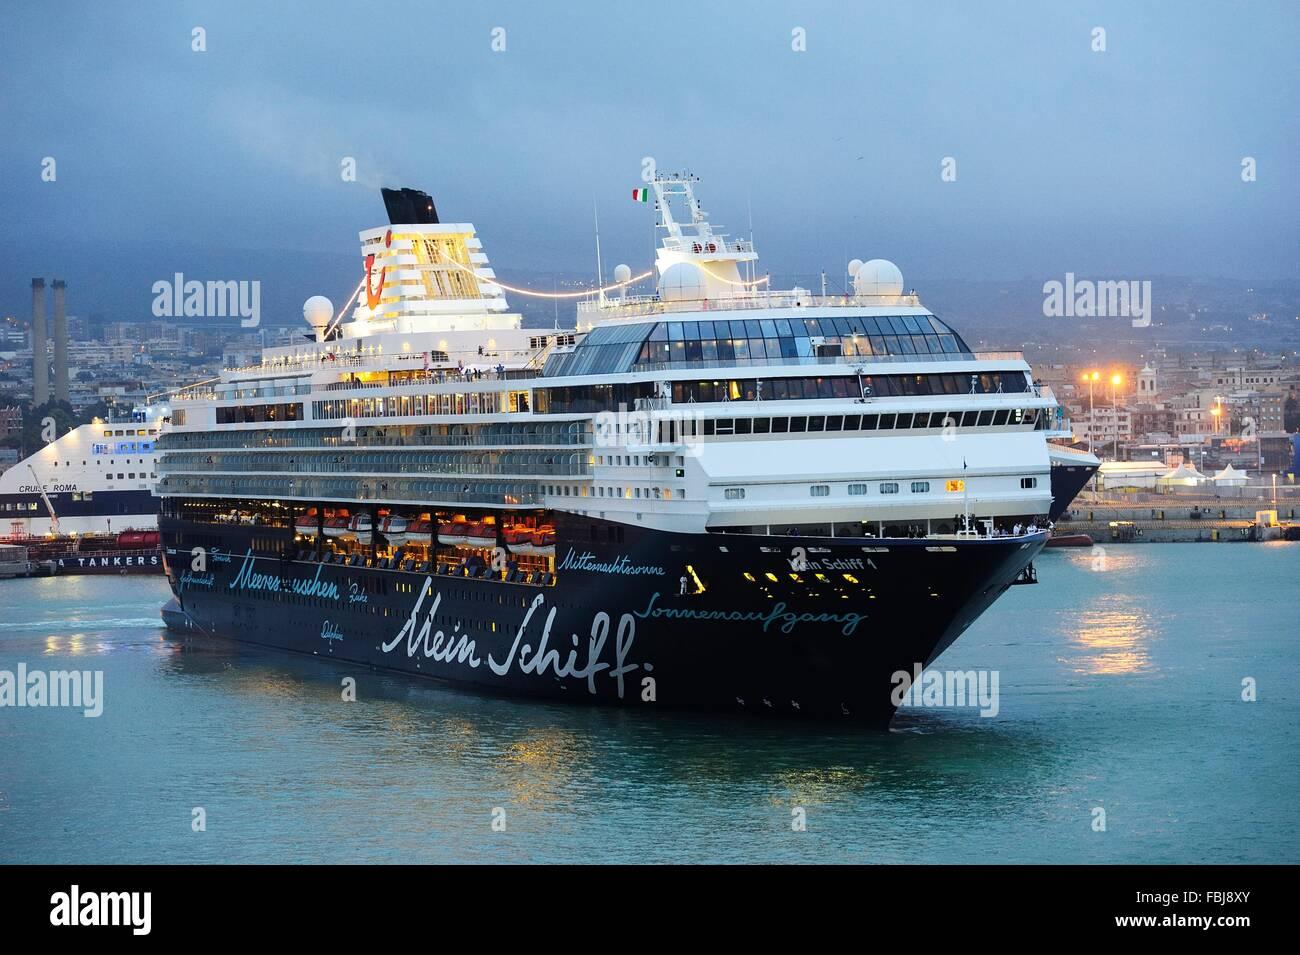 TUI Mein Schiff 1 at night, Civitavecchia in September 15 - Stock Image